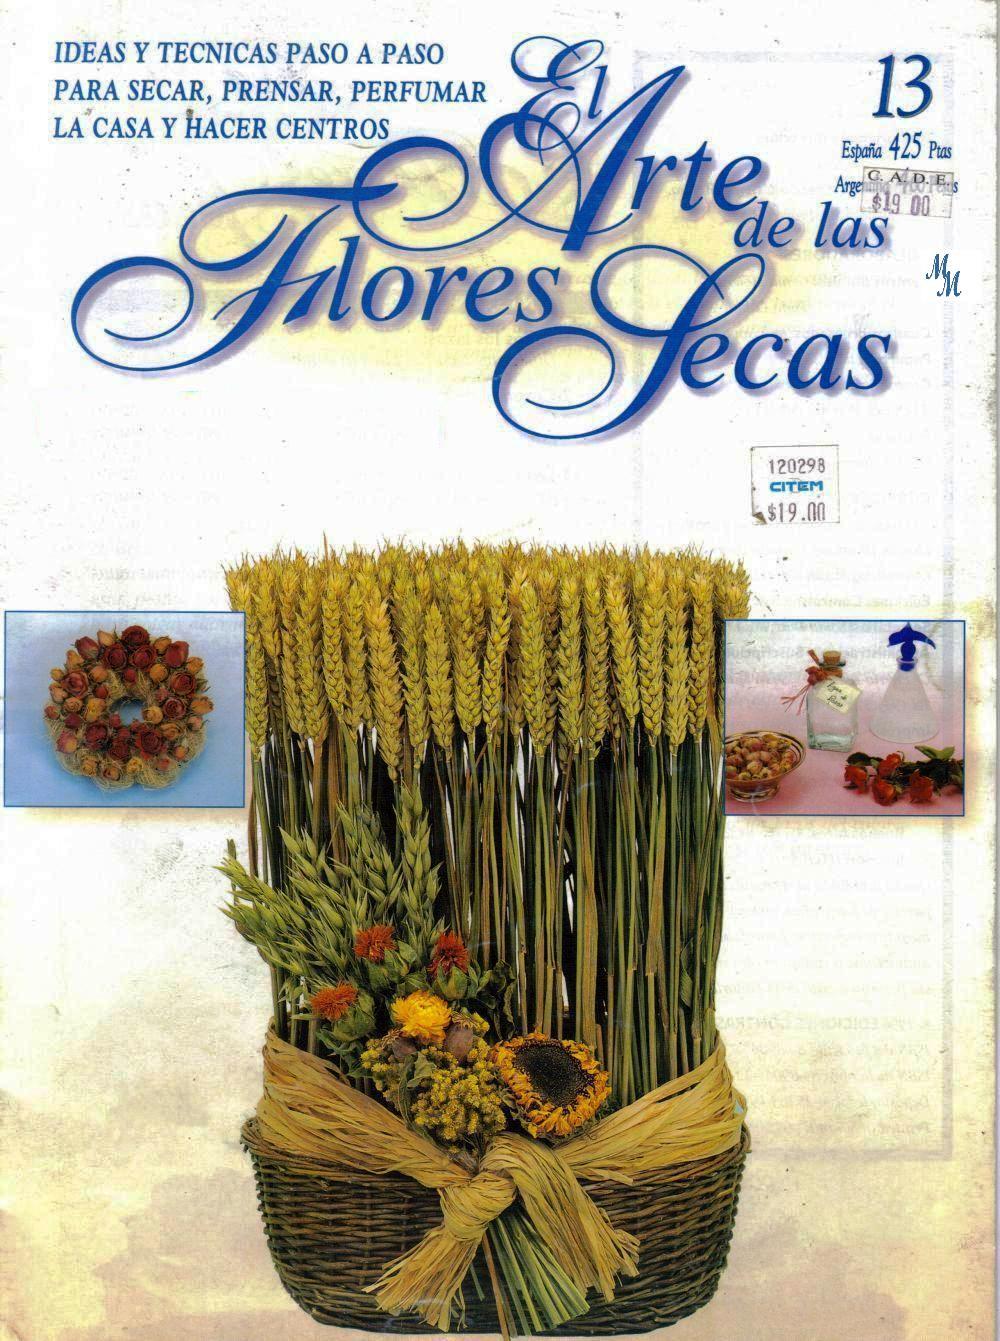 el arte de las flores secas ideas y tcnicas paso a paso para perfumar la casa y hacer centros